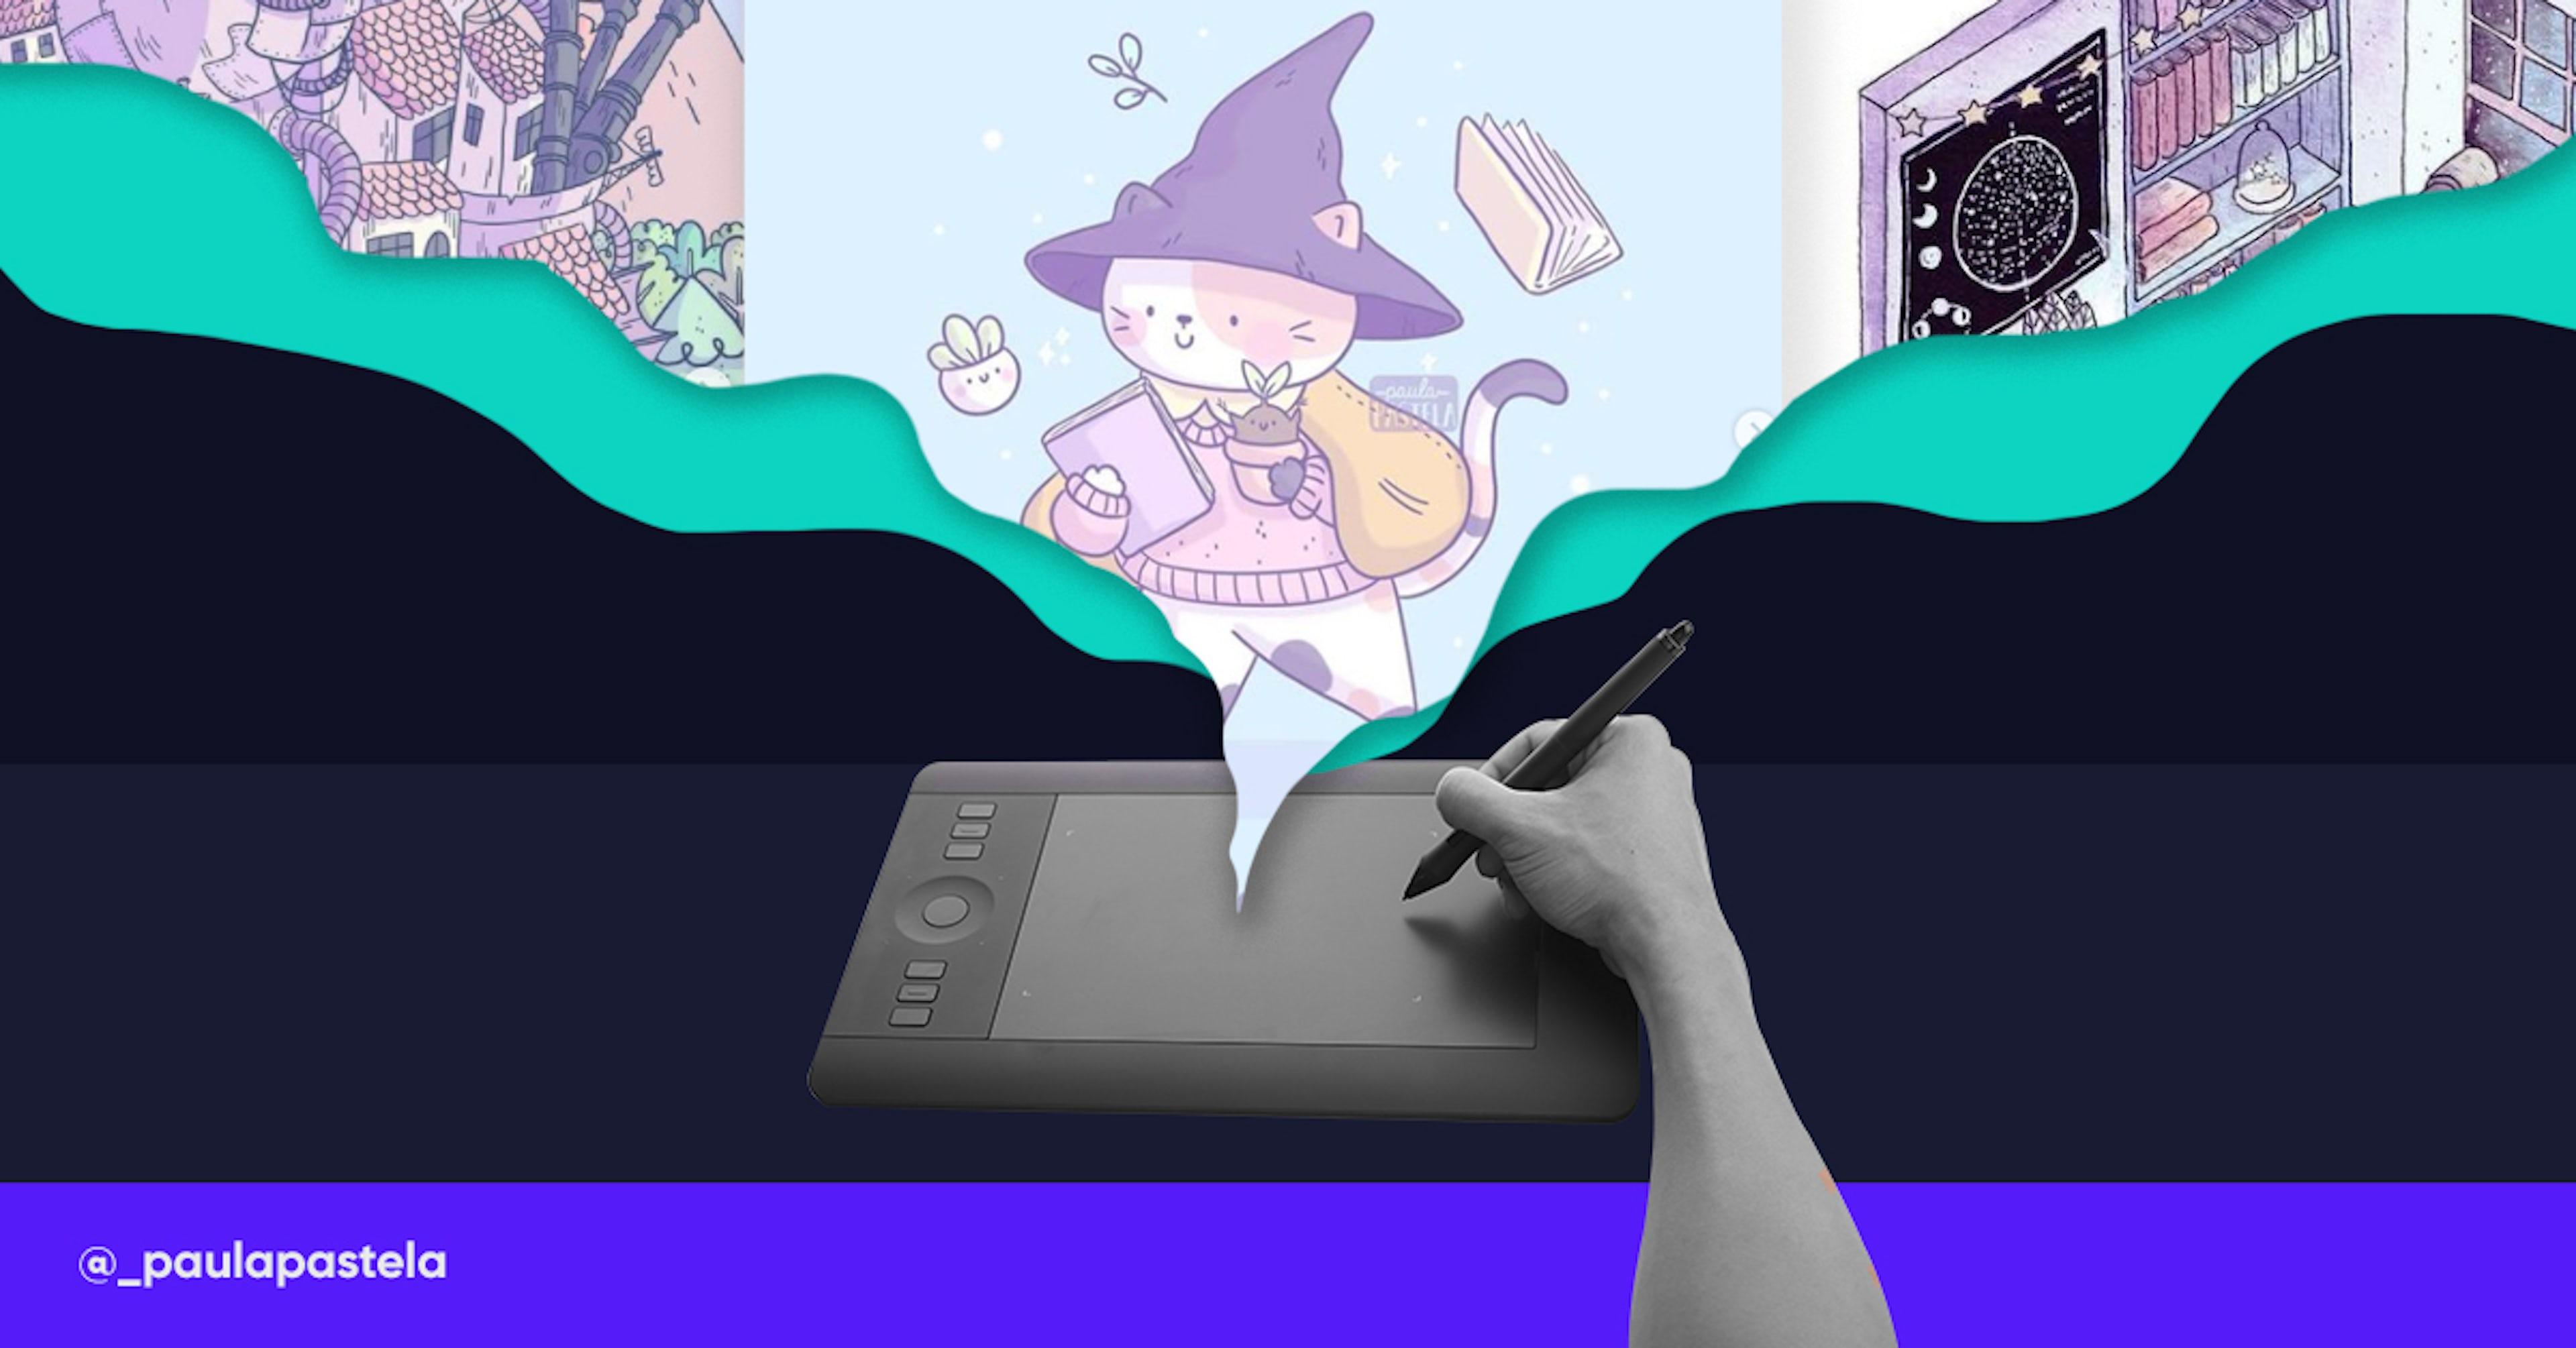 5 cursos de ilustración digital que le darán vida hasta a tu amigo imaginario